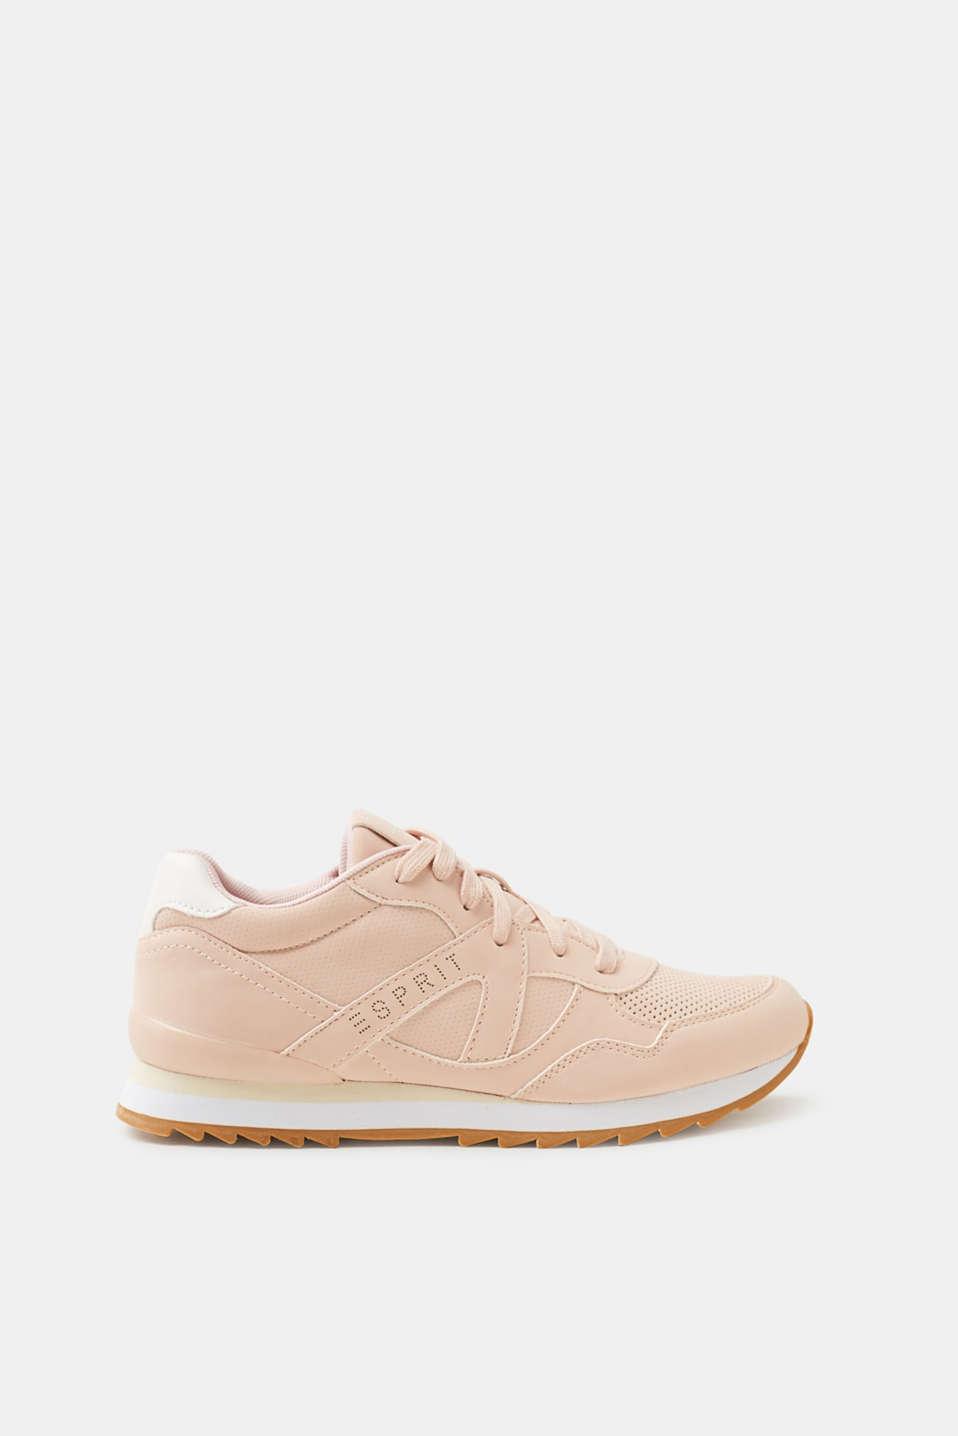 Esprit Knöchelhoher Sneaker in Leder-Optik für Damen, Größe 39, White